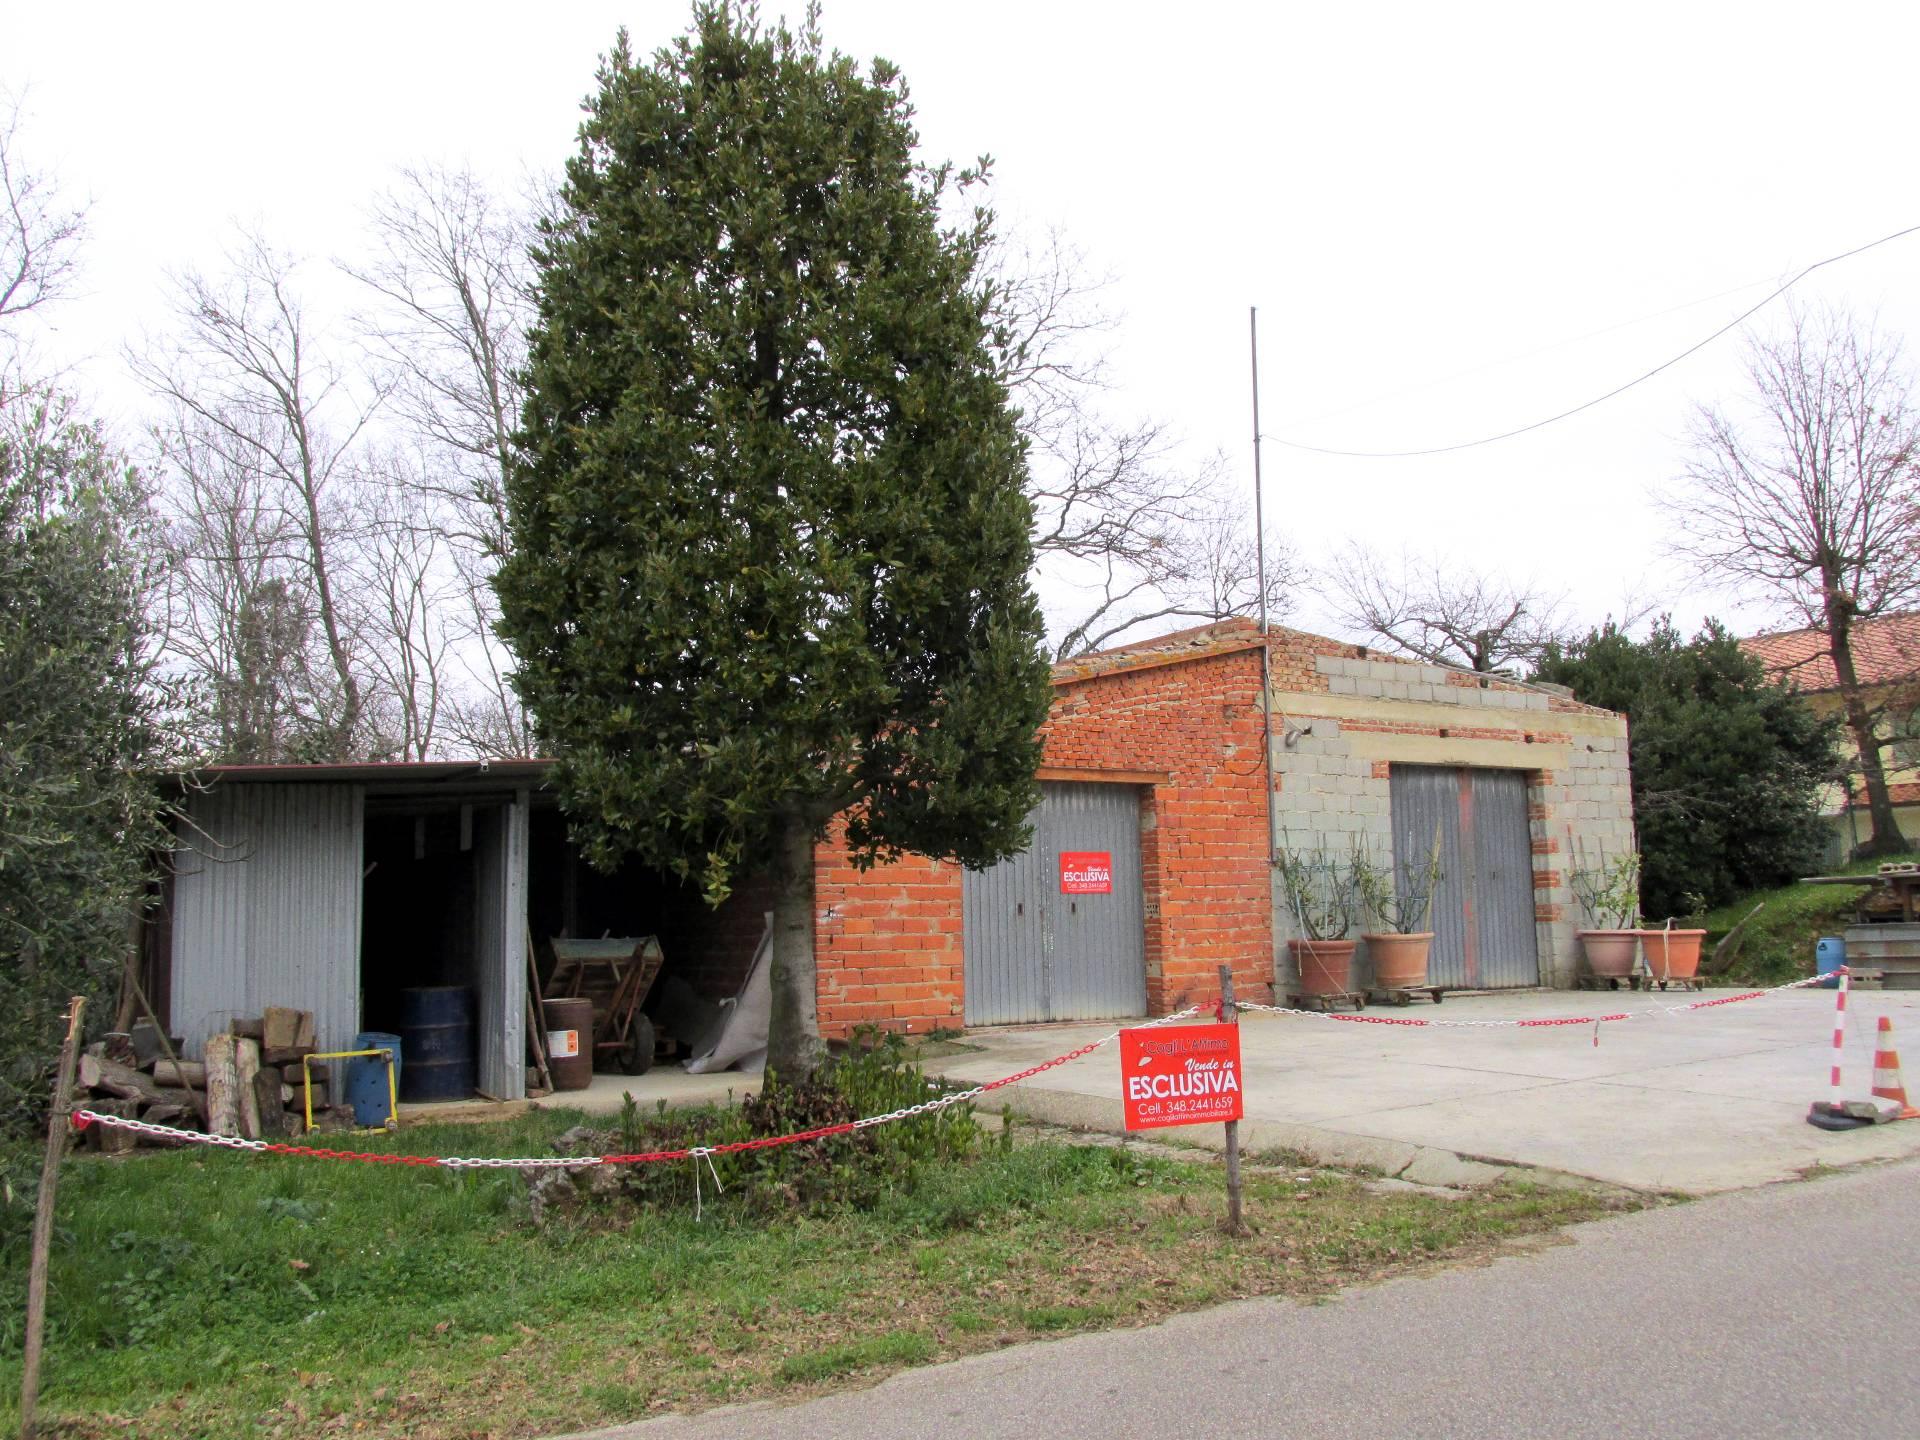 Rustico / Casale in vendita a Santa Maria a Monte, 2 locali, zona Zona: Pregiuntino, prezzo € 63.000 | Cambio Casa.it